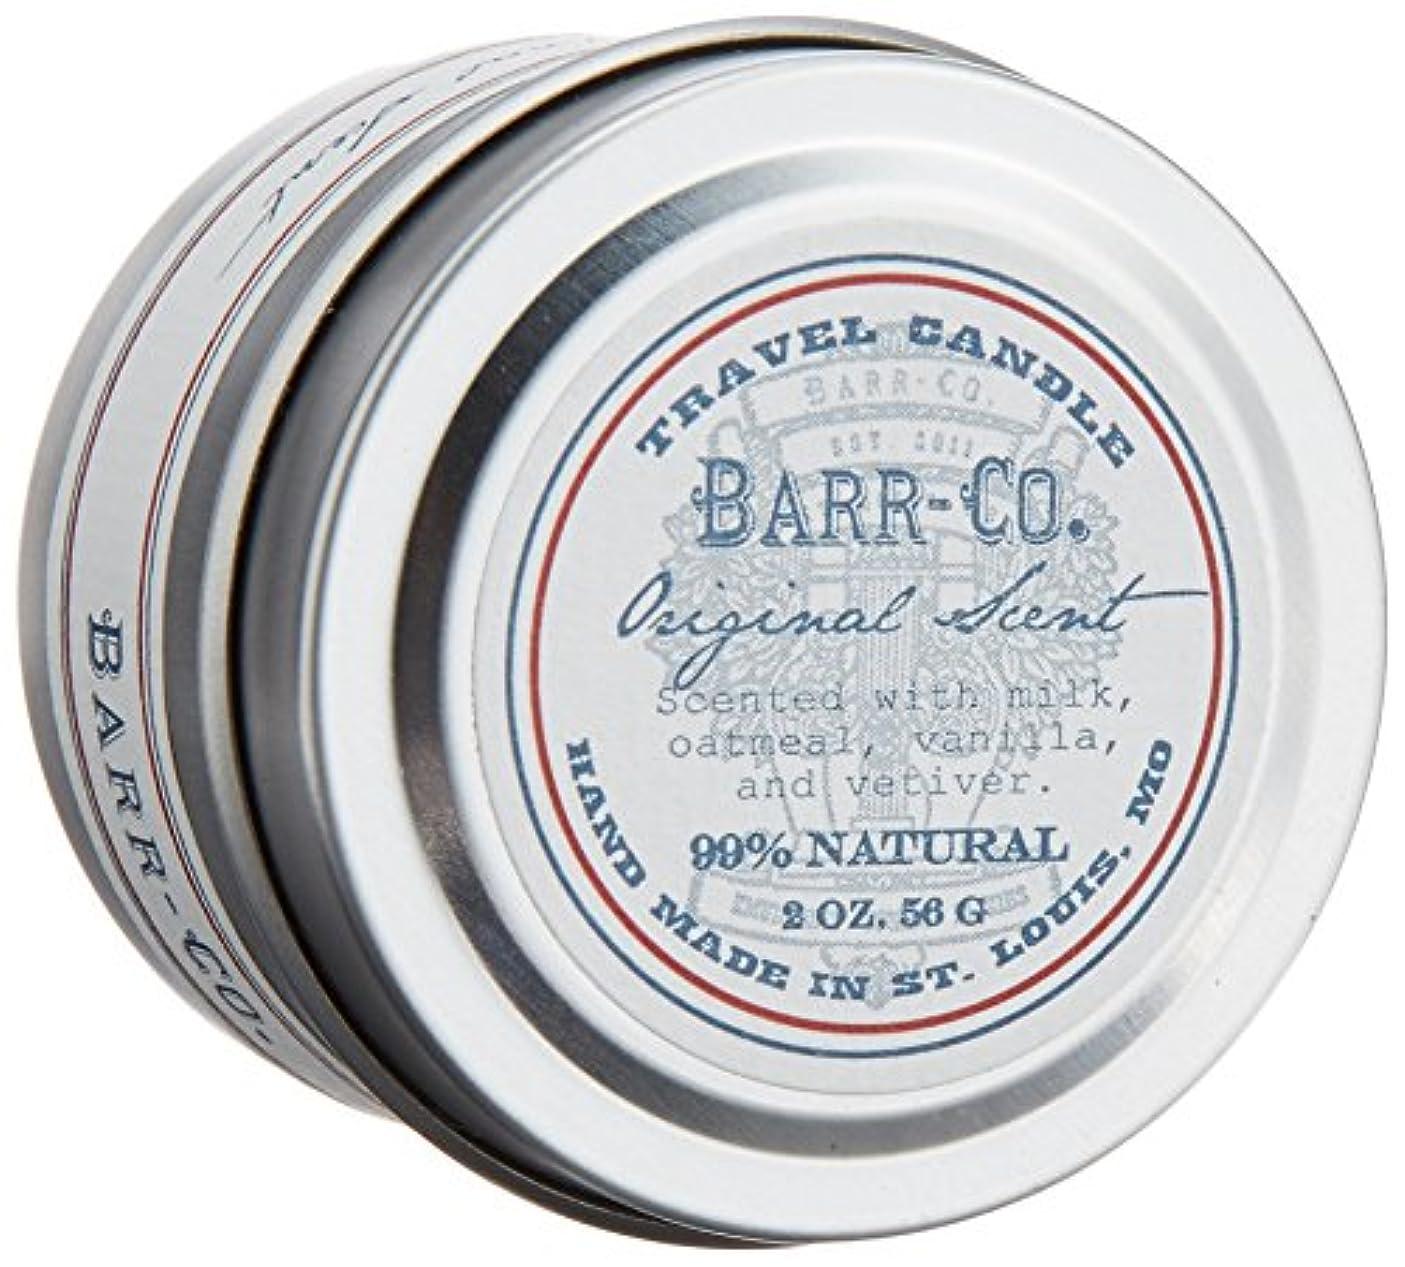 タイル頭痛幅BARR-CO.(バーコー) トラベルキャンドル